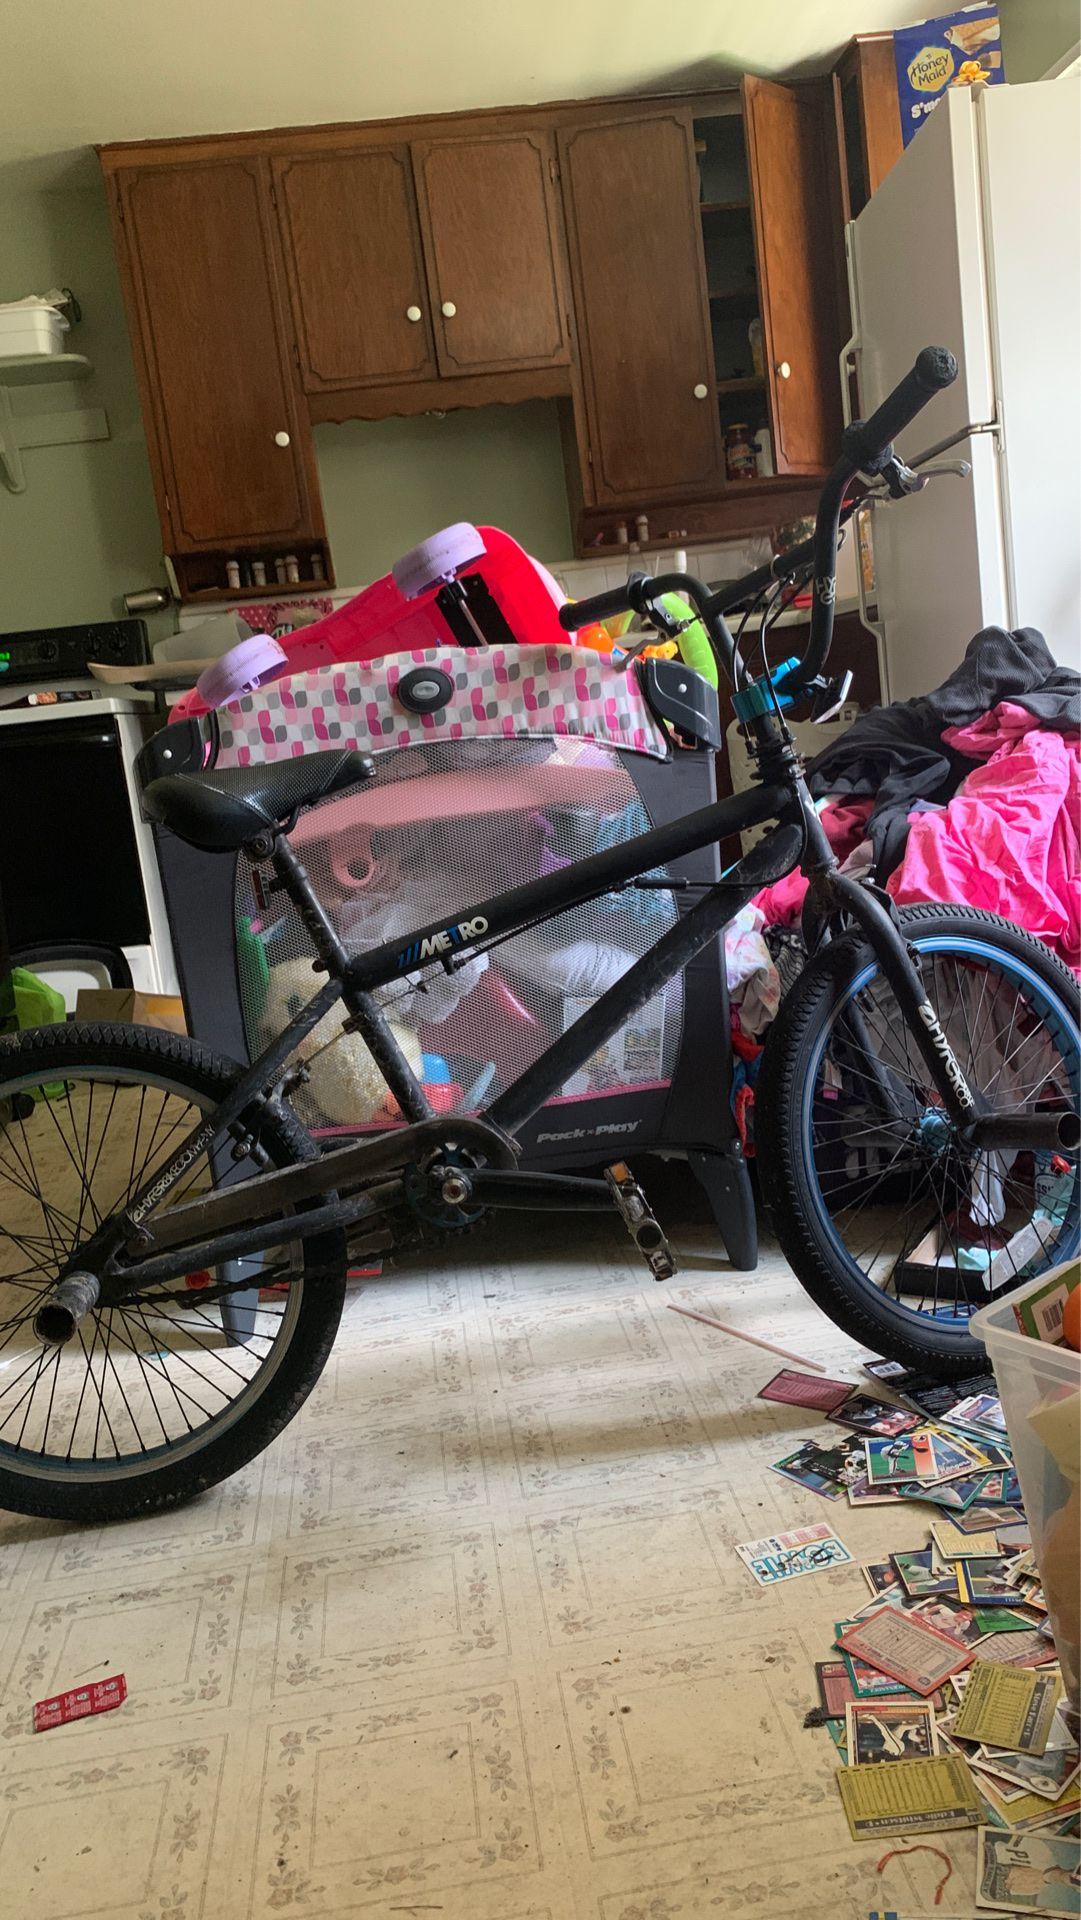 Hyper metro bmx bike